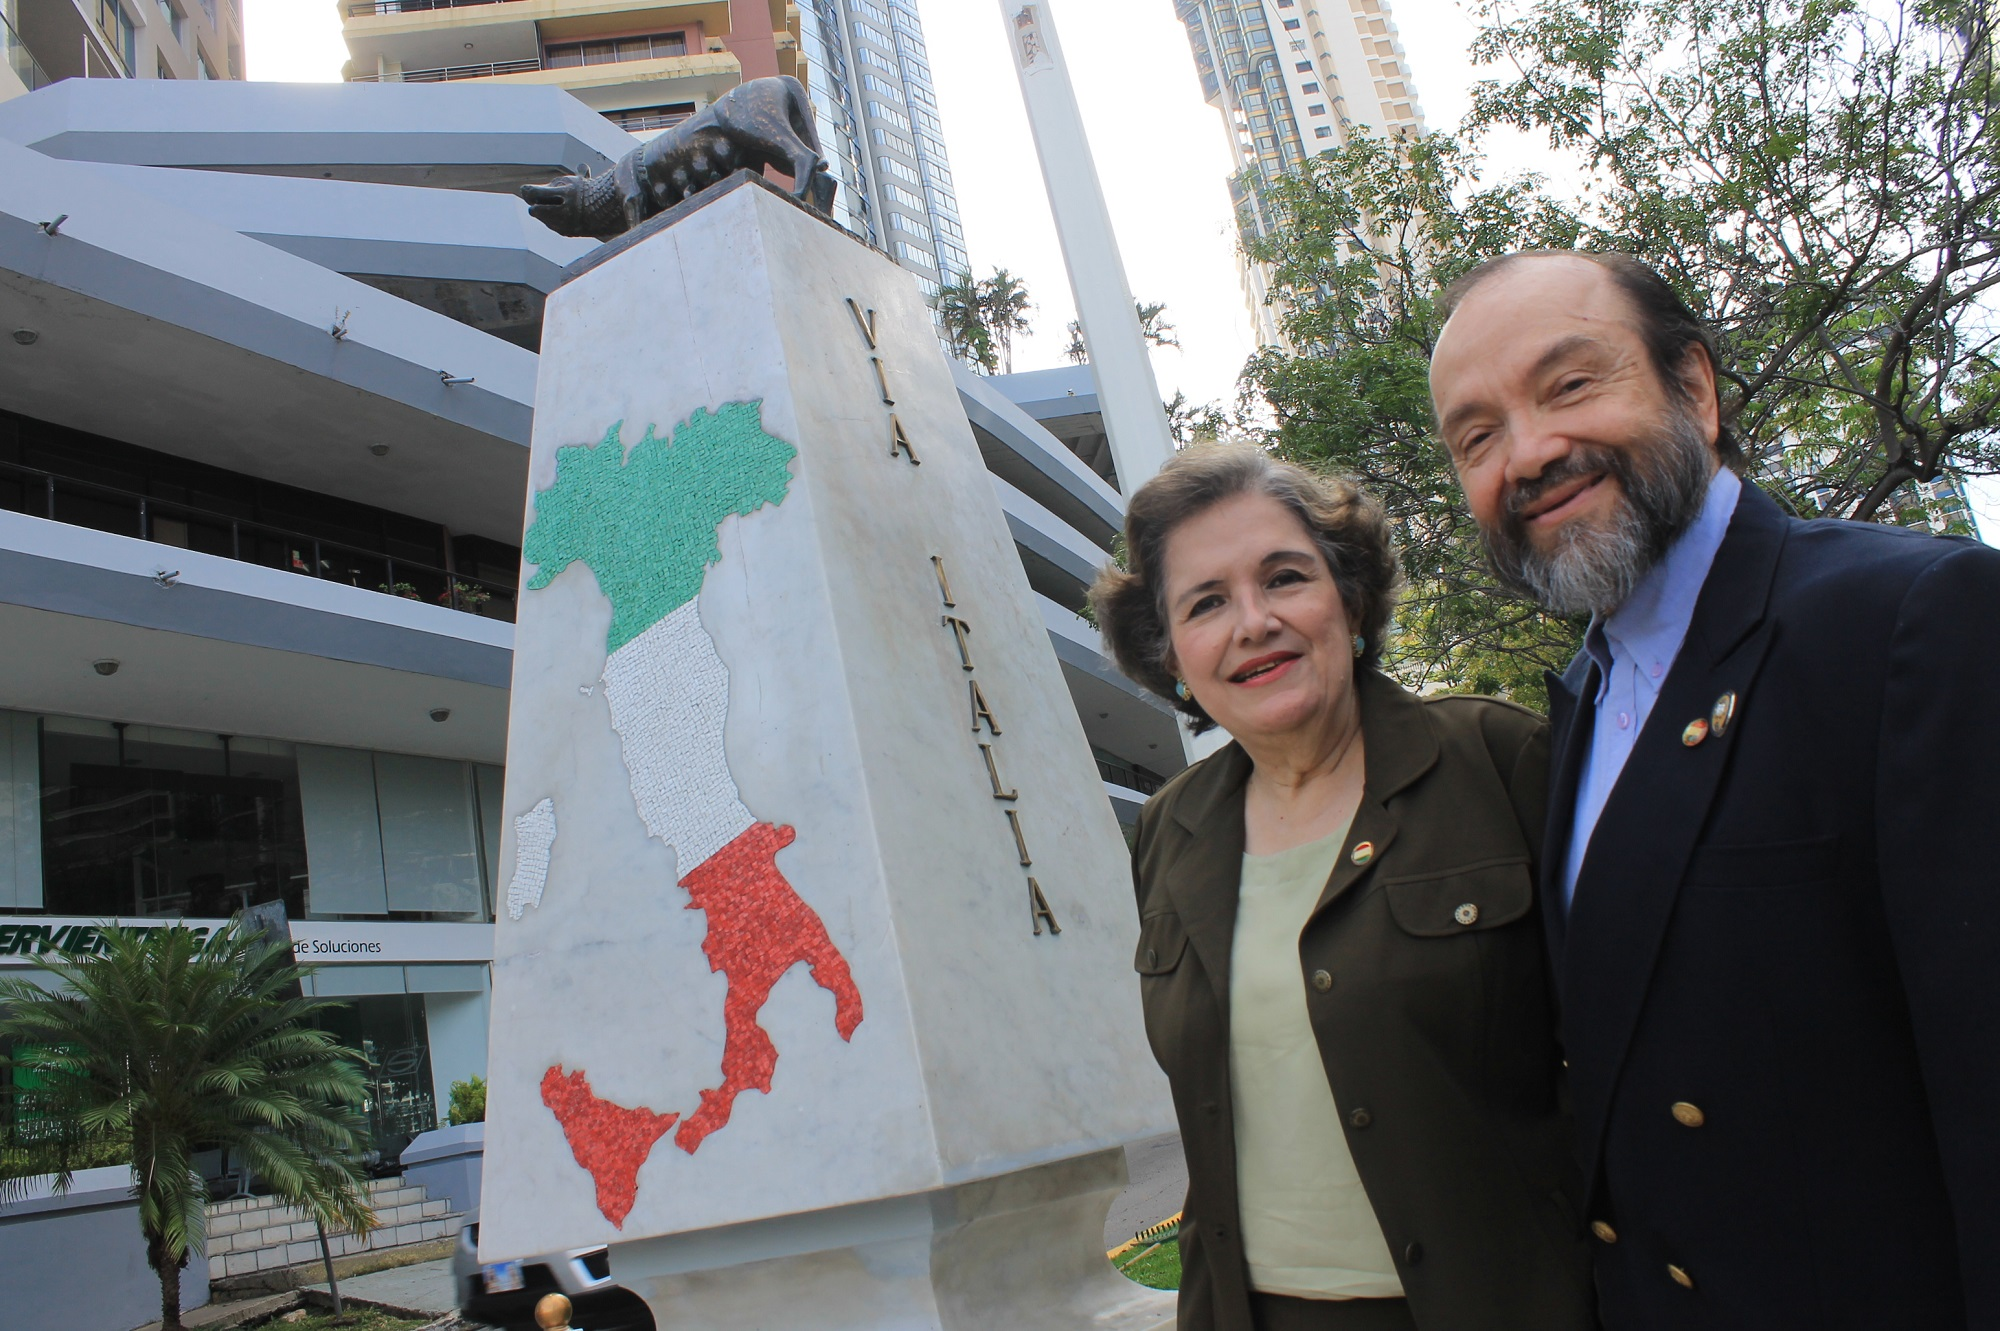 María de Lourdes Vaccaro, Pta de la Sociedad de Beneficiencia Italiana de Panamá junto a su esposo Ángel Achurra.